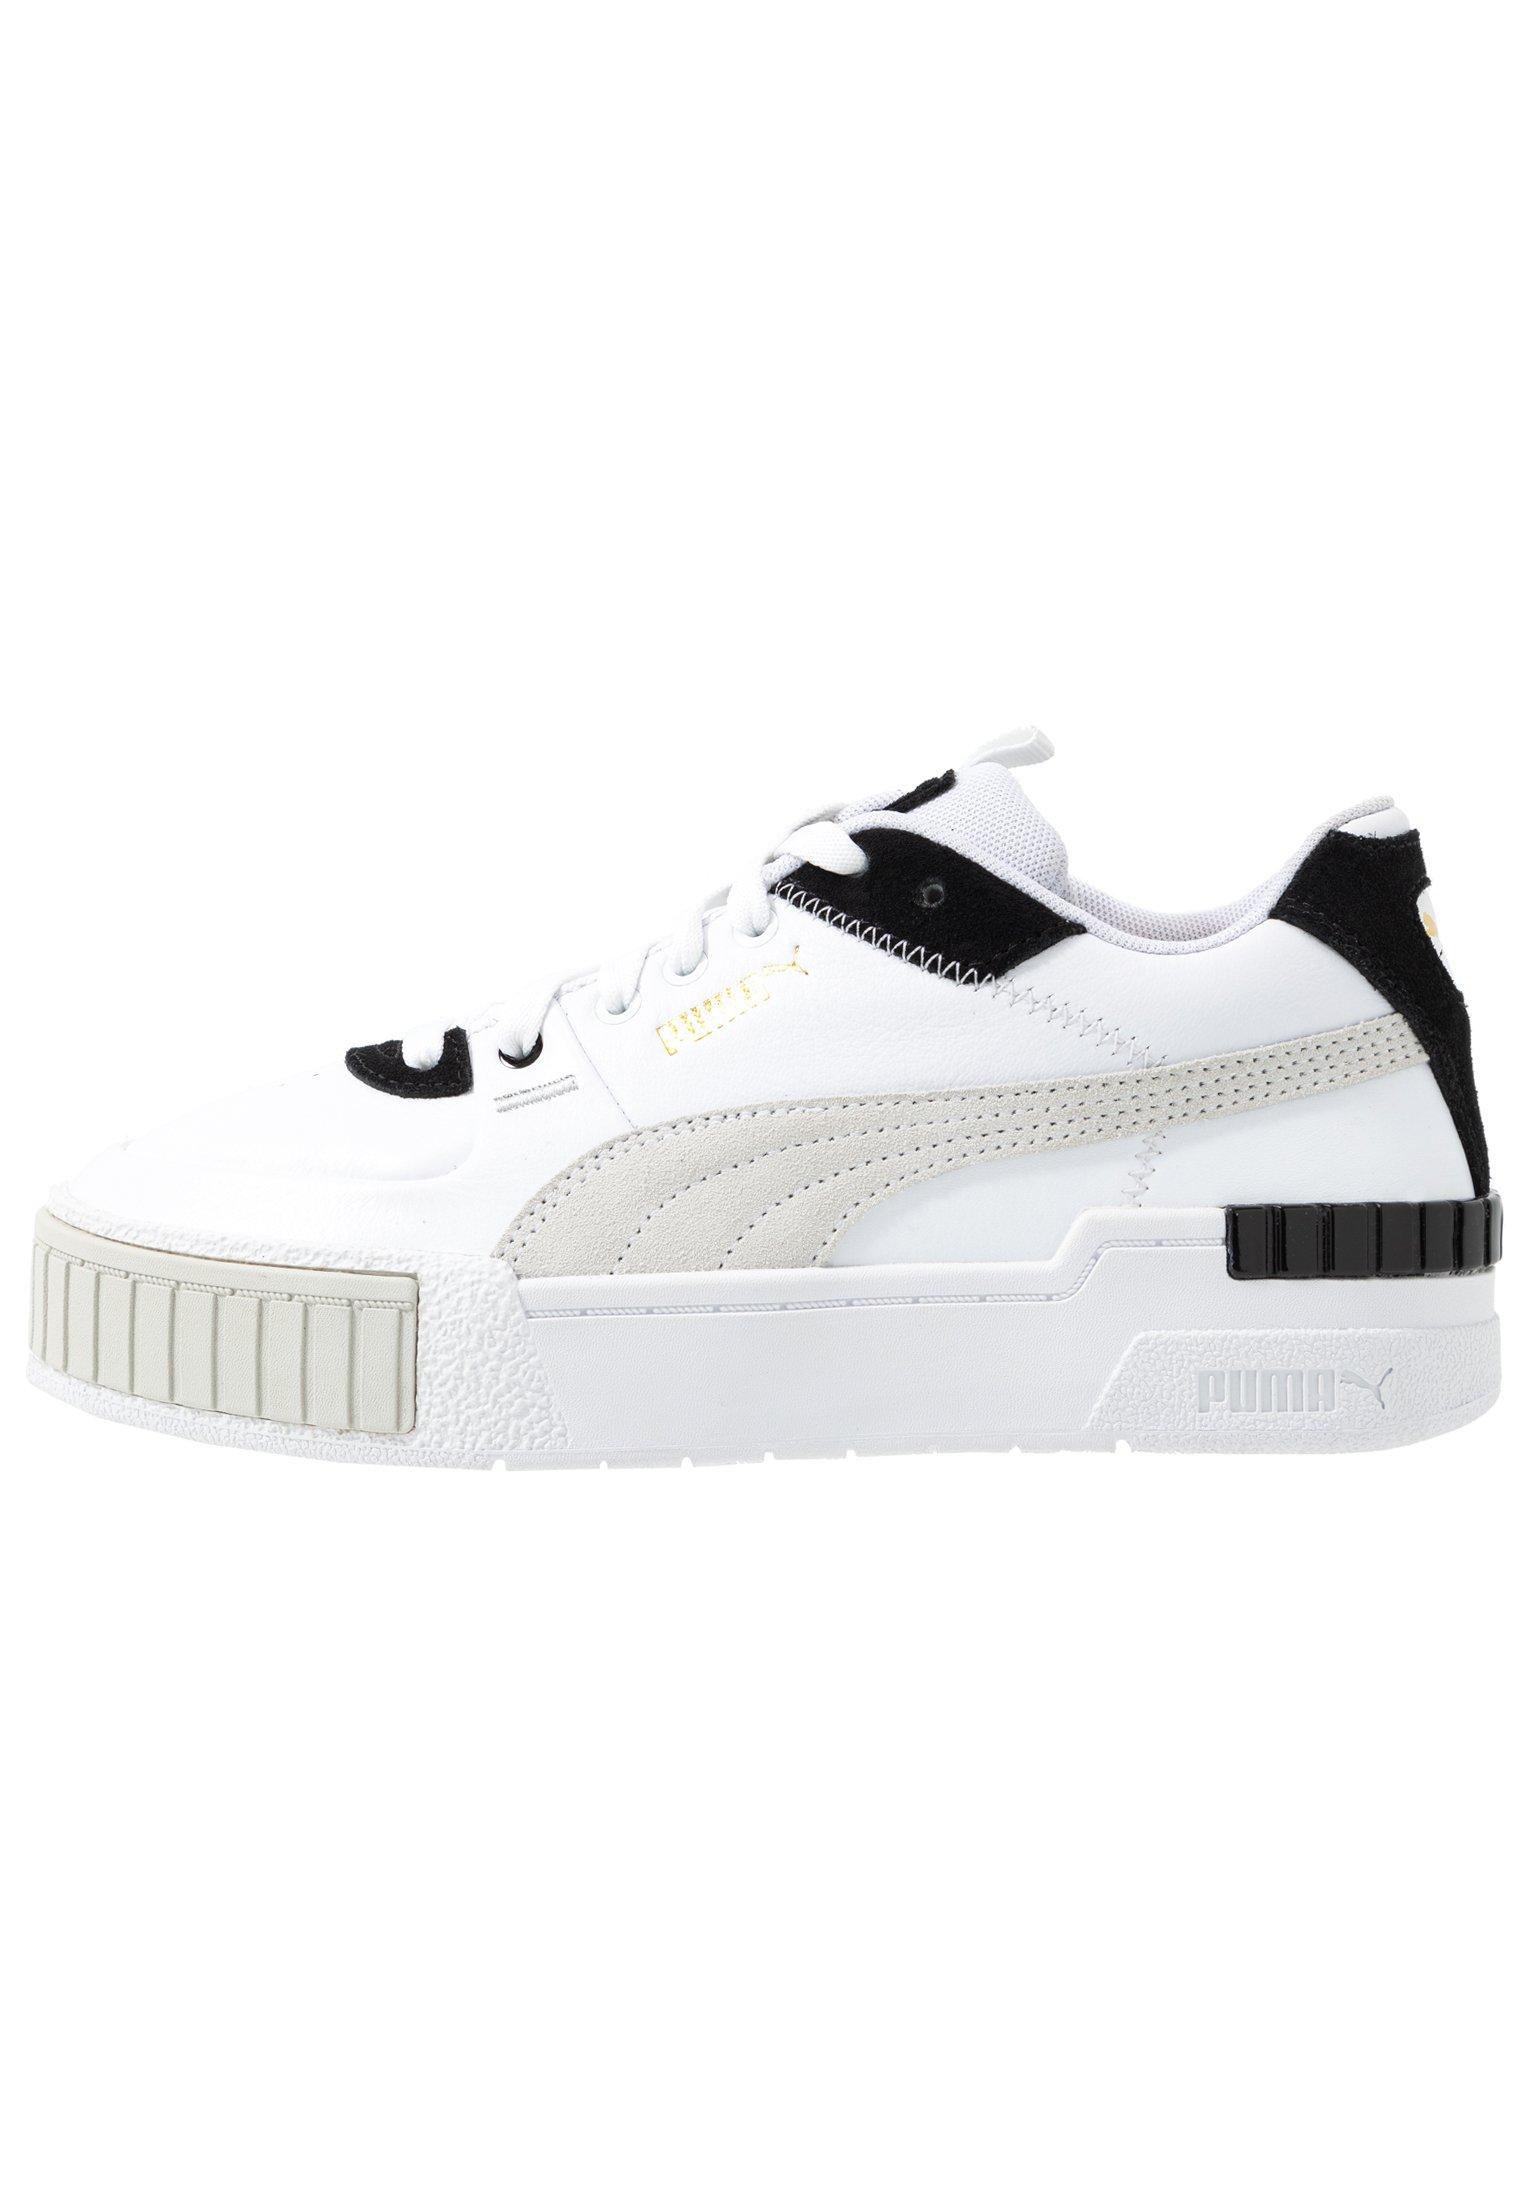 CALI SPORT MIX - Baskets basses - white/black